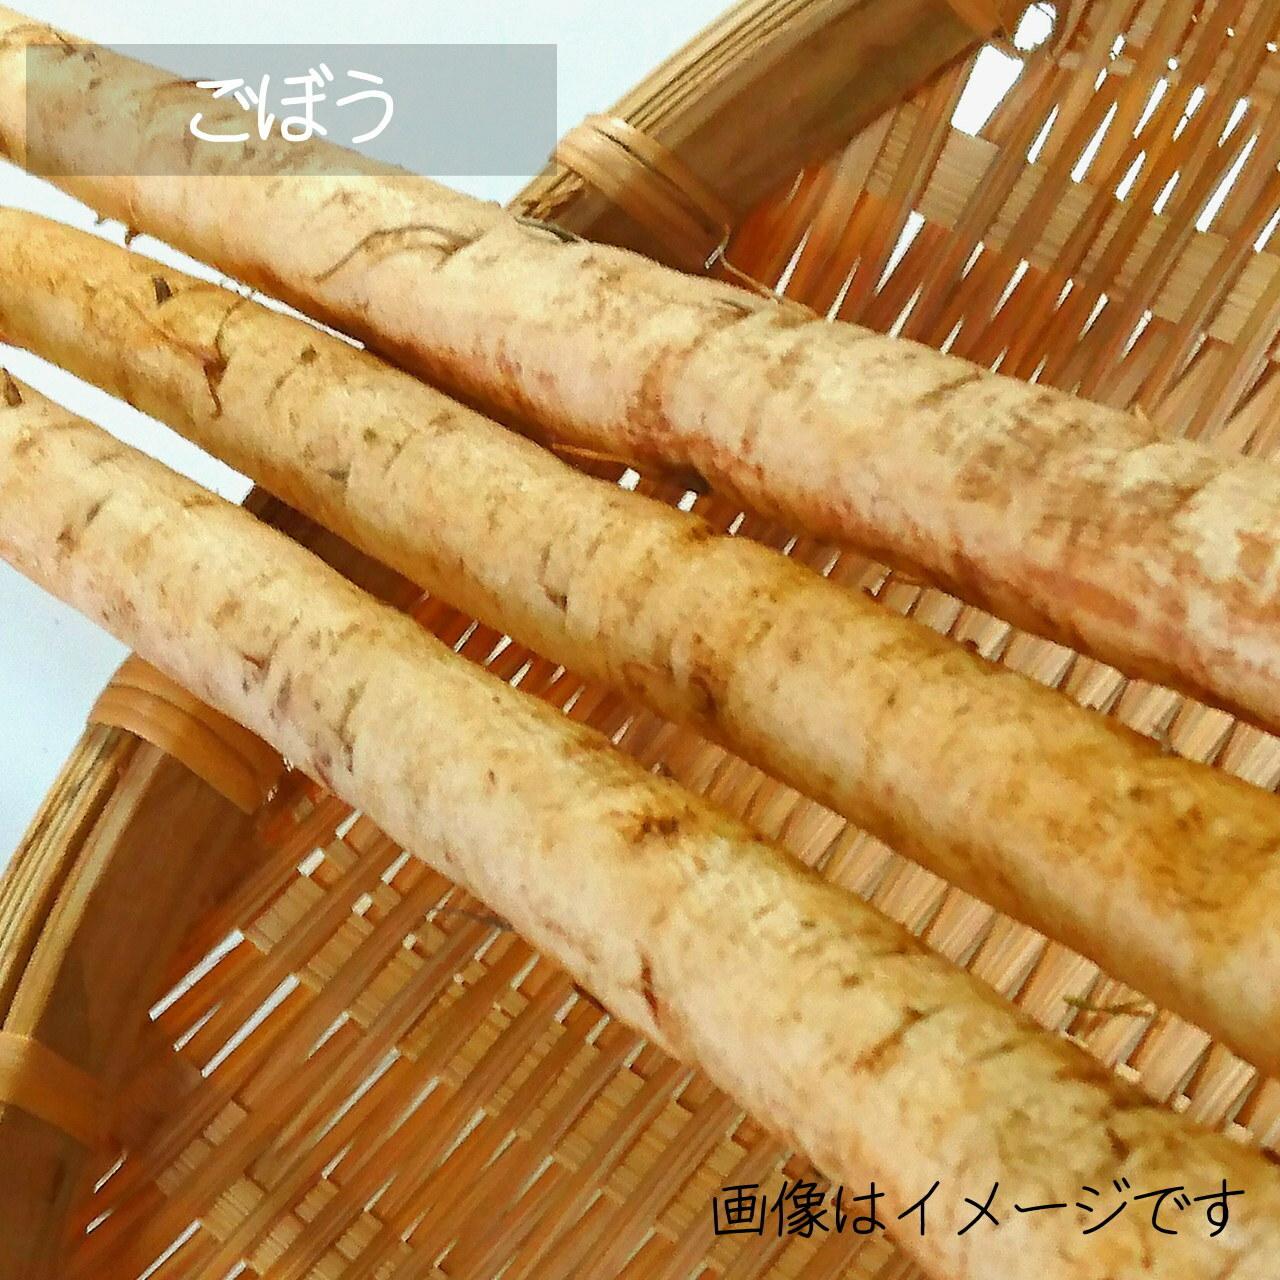 新鮮な秋野菜 : ゴボウ 1~3本 9月の朝採り直売野菜 9月5日発送予定